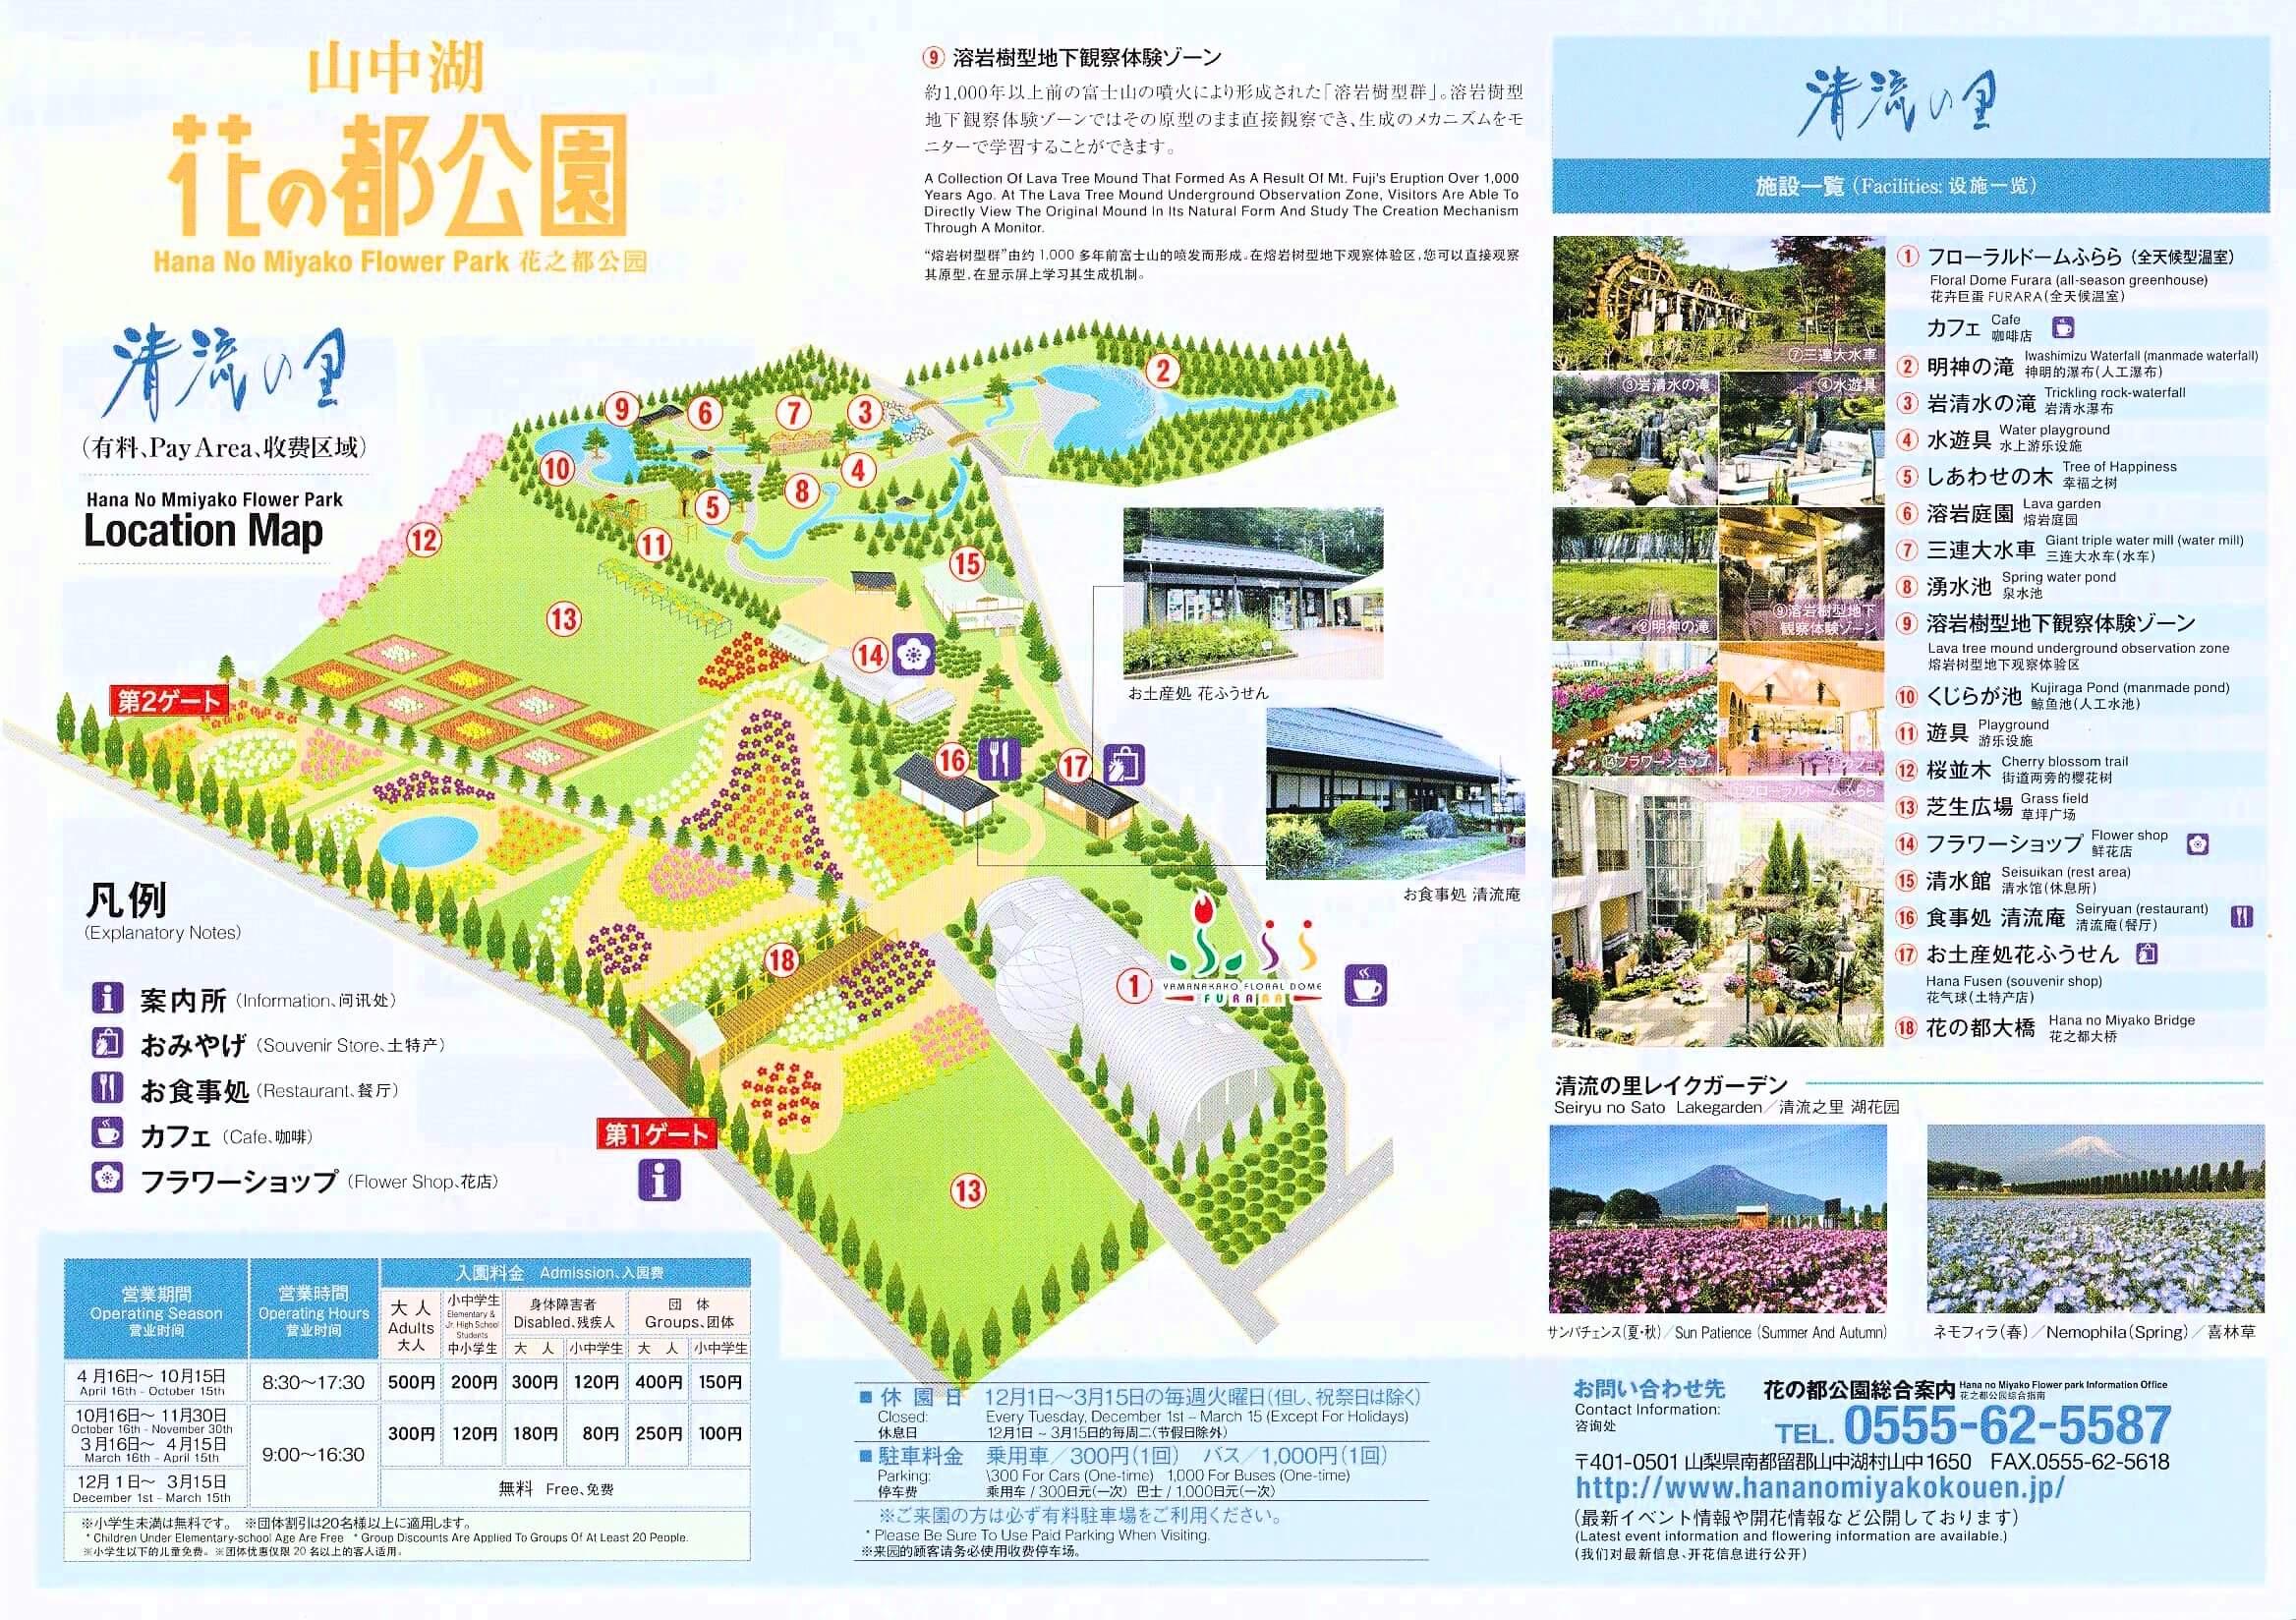 花の都公園の全体マップ